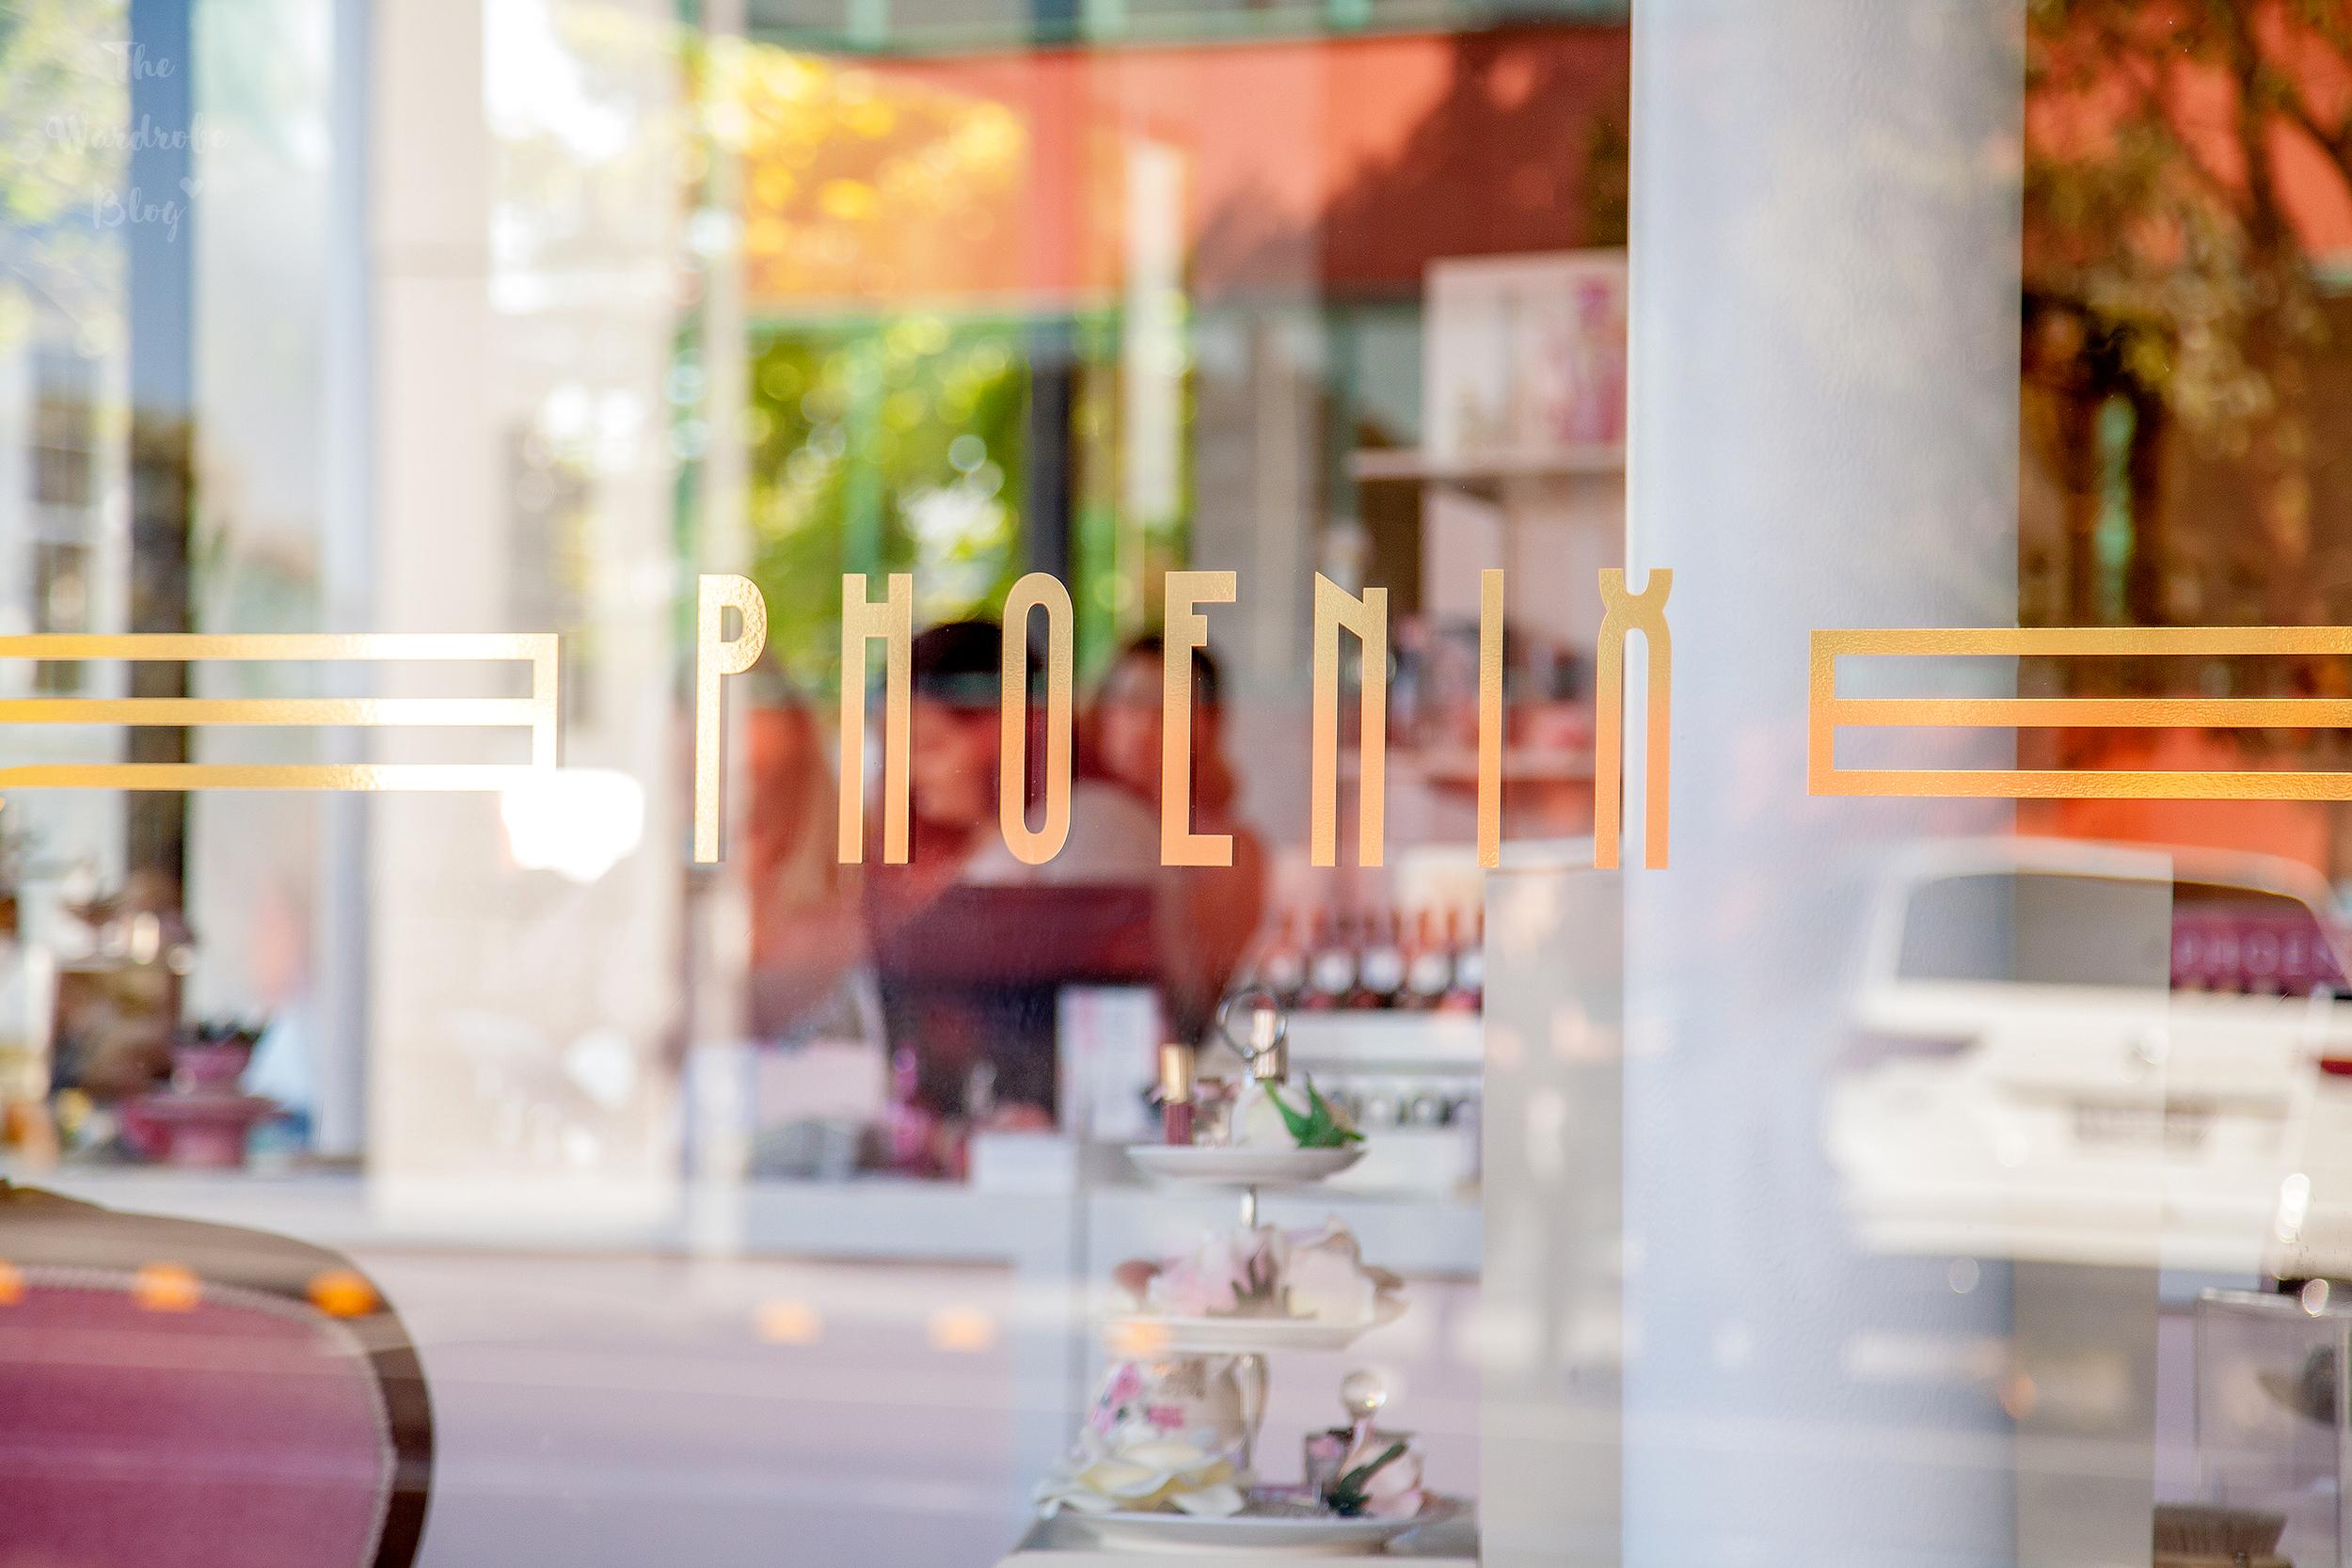 Phoenix-Renata-Feature-BTS-Shop-Front